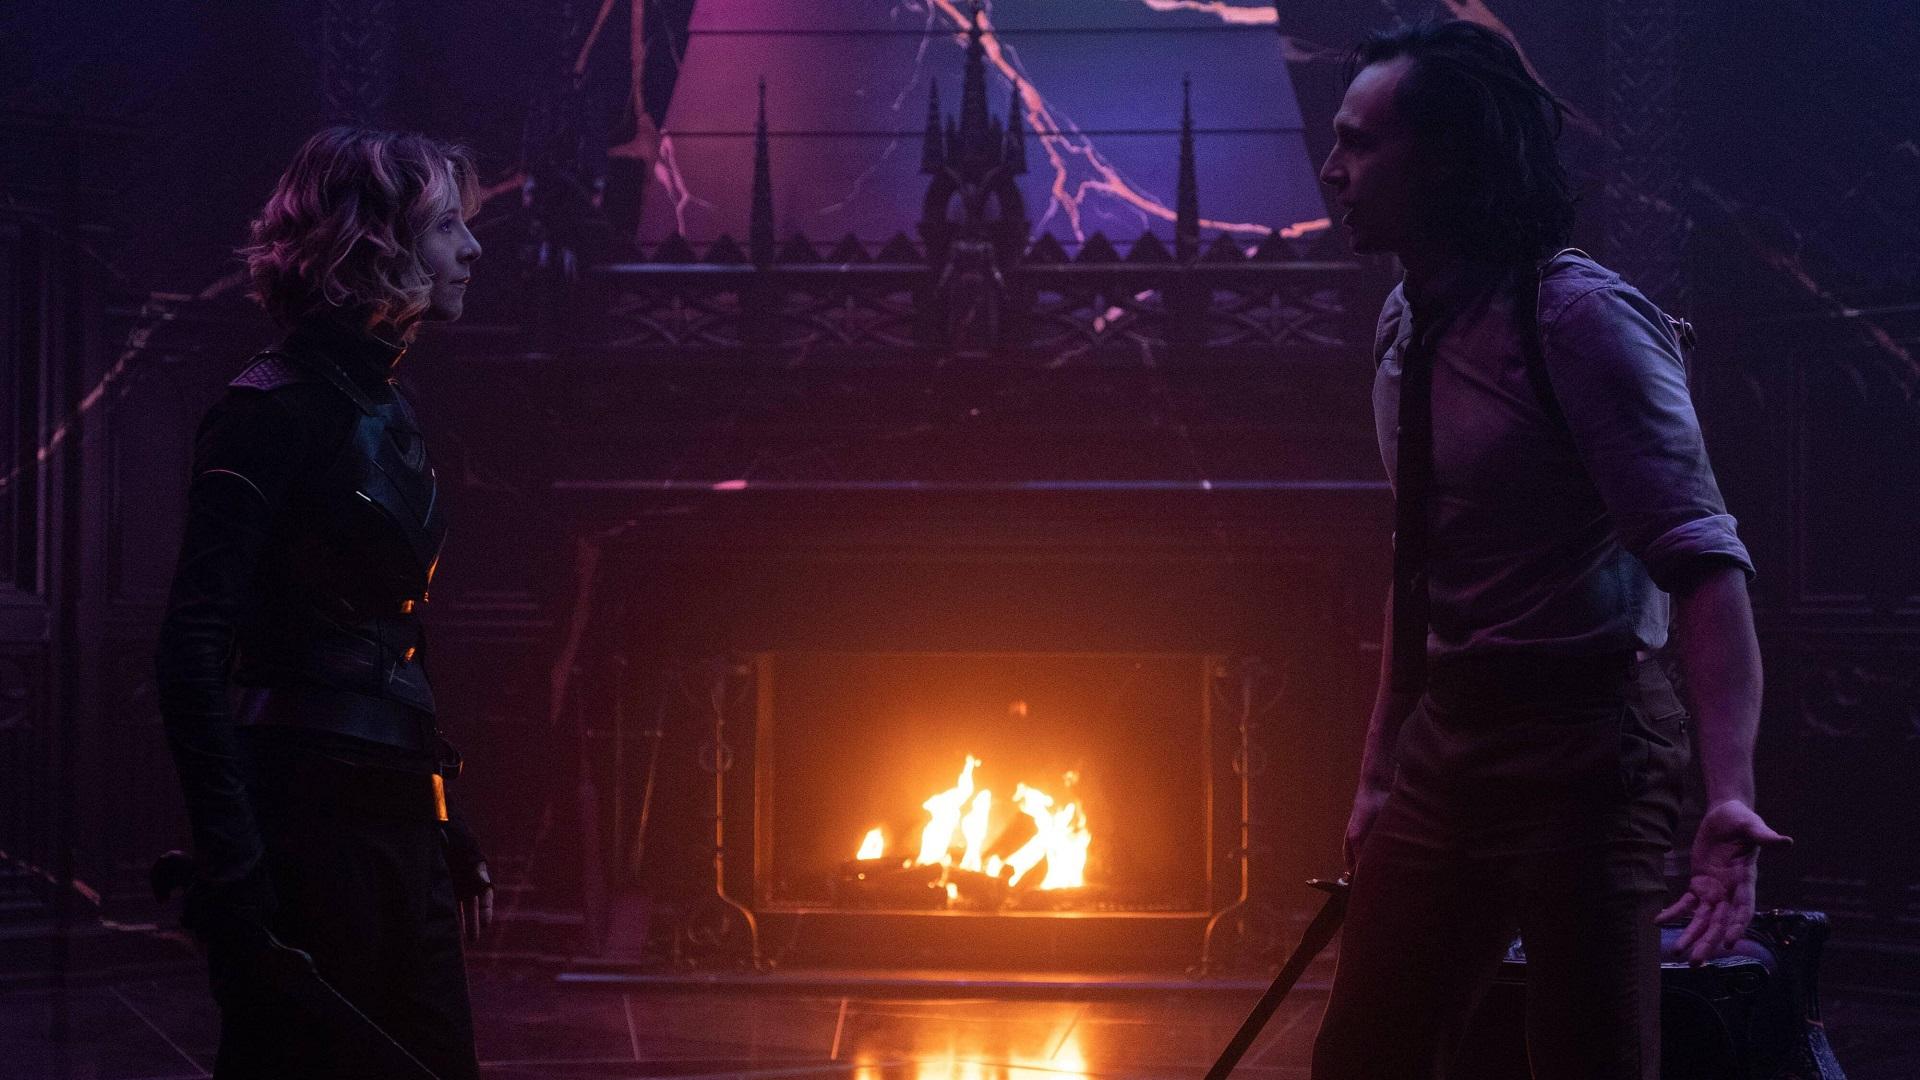 Loki tendrá temporada 2 en Disney Plus ¿Cuándo se estrena?